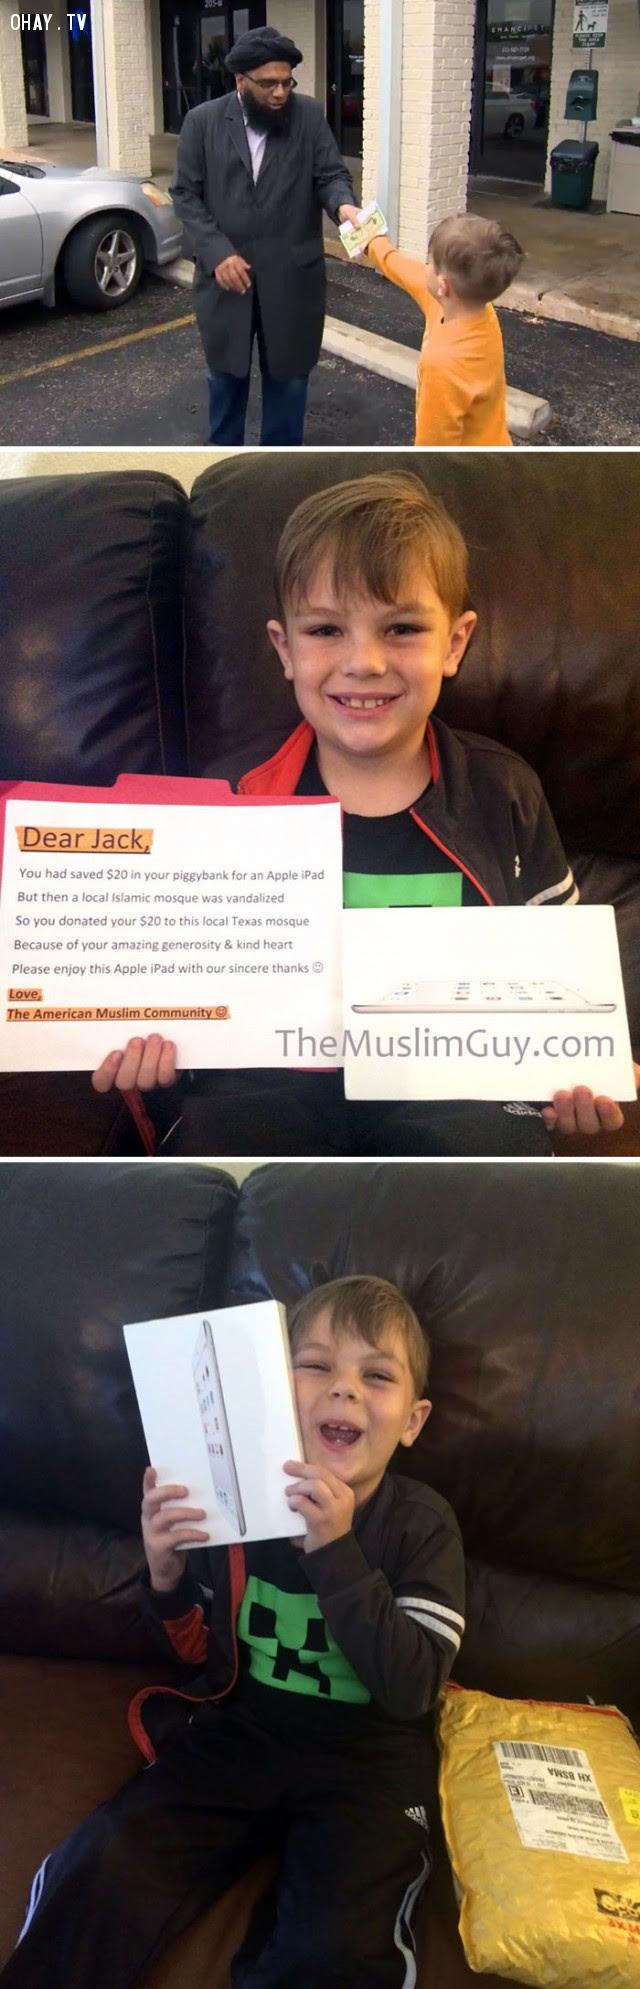 Cậu bé Jack 9 tuổi quyên góp 20 đô-la tiền tiết kiệm mua Ipad cho nhà thờ Hồi giáo bị hư hại. Sau này cậu bé được tặng một chiếc Ipad vì hành động hào hiệp.,Hoa Kỳ,nước mỹ,lòng nhân ái